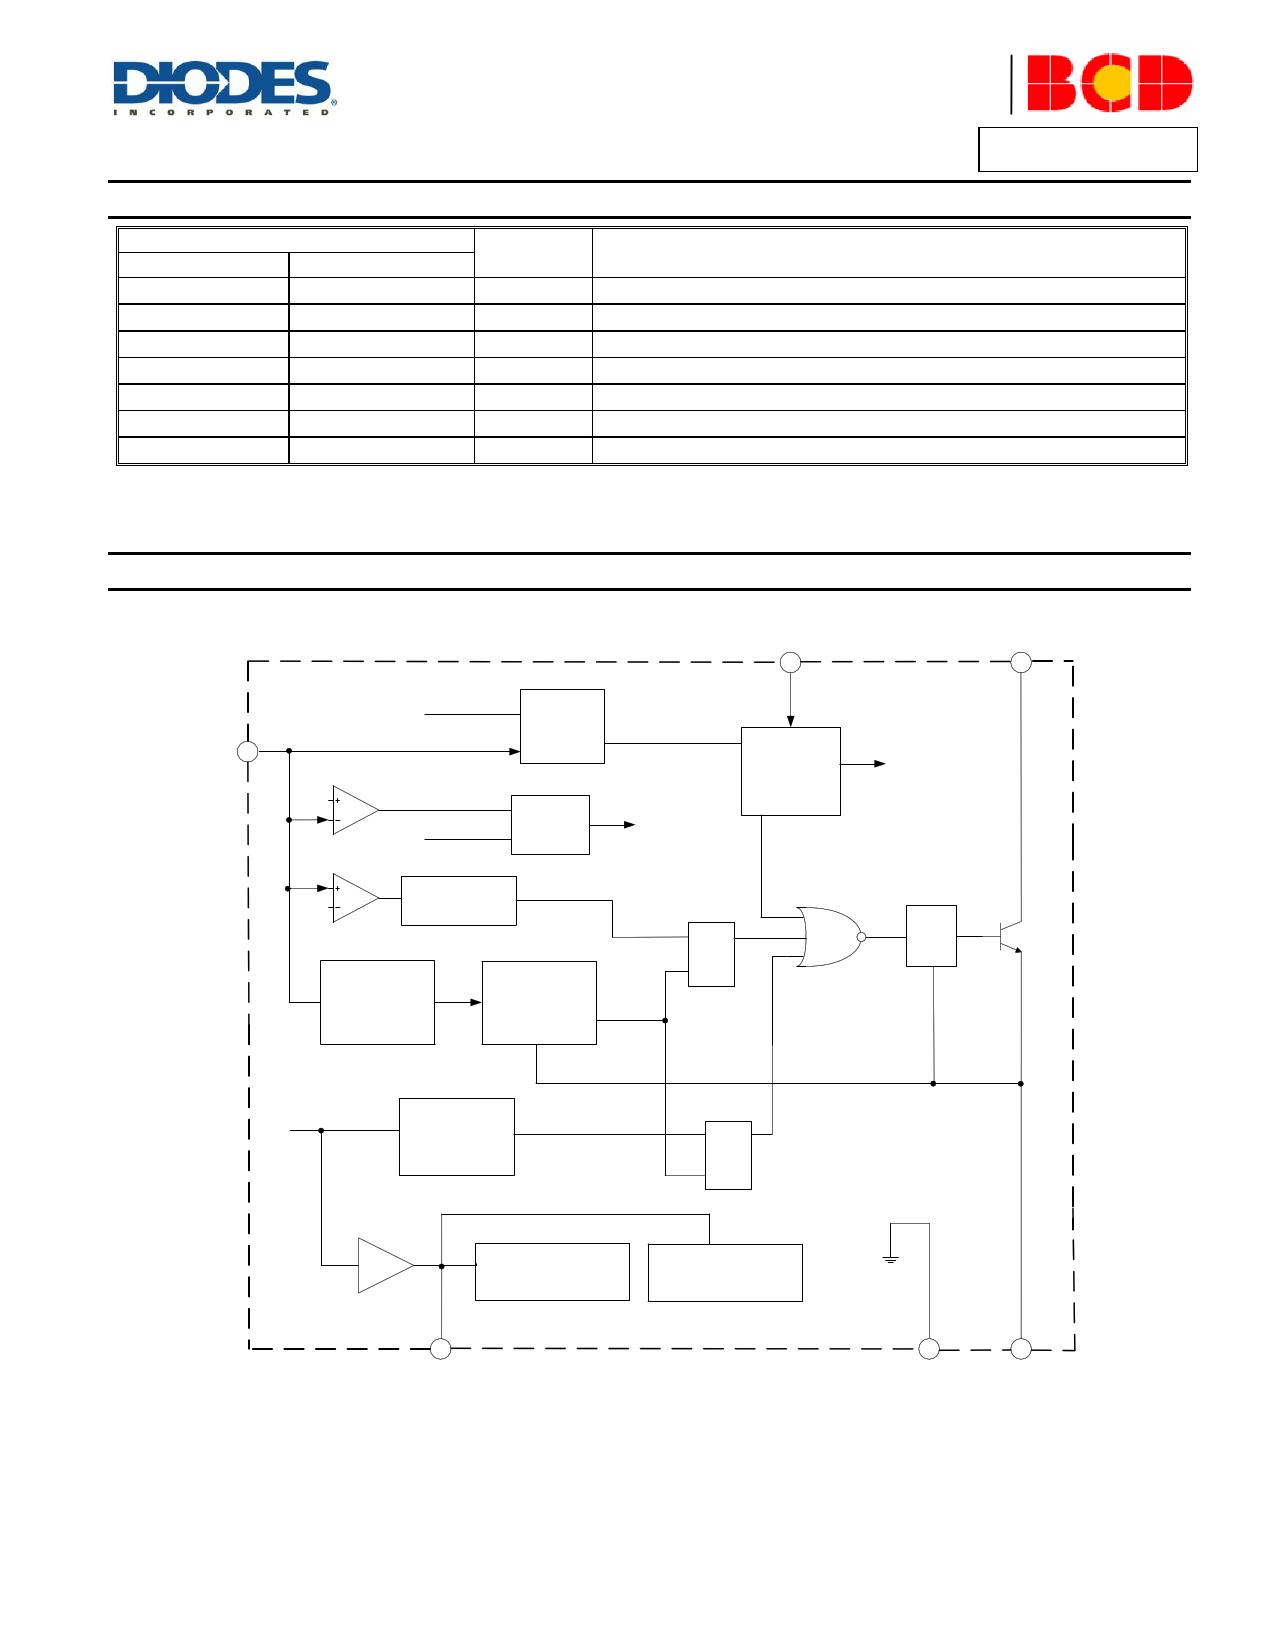 AP3969 pdf, 電子部品, 半導体, ピン配列